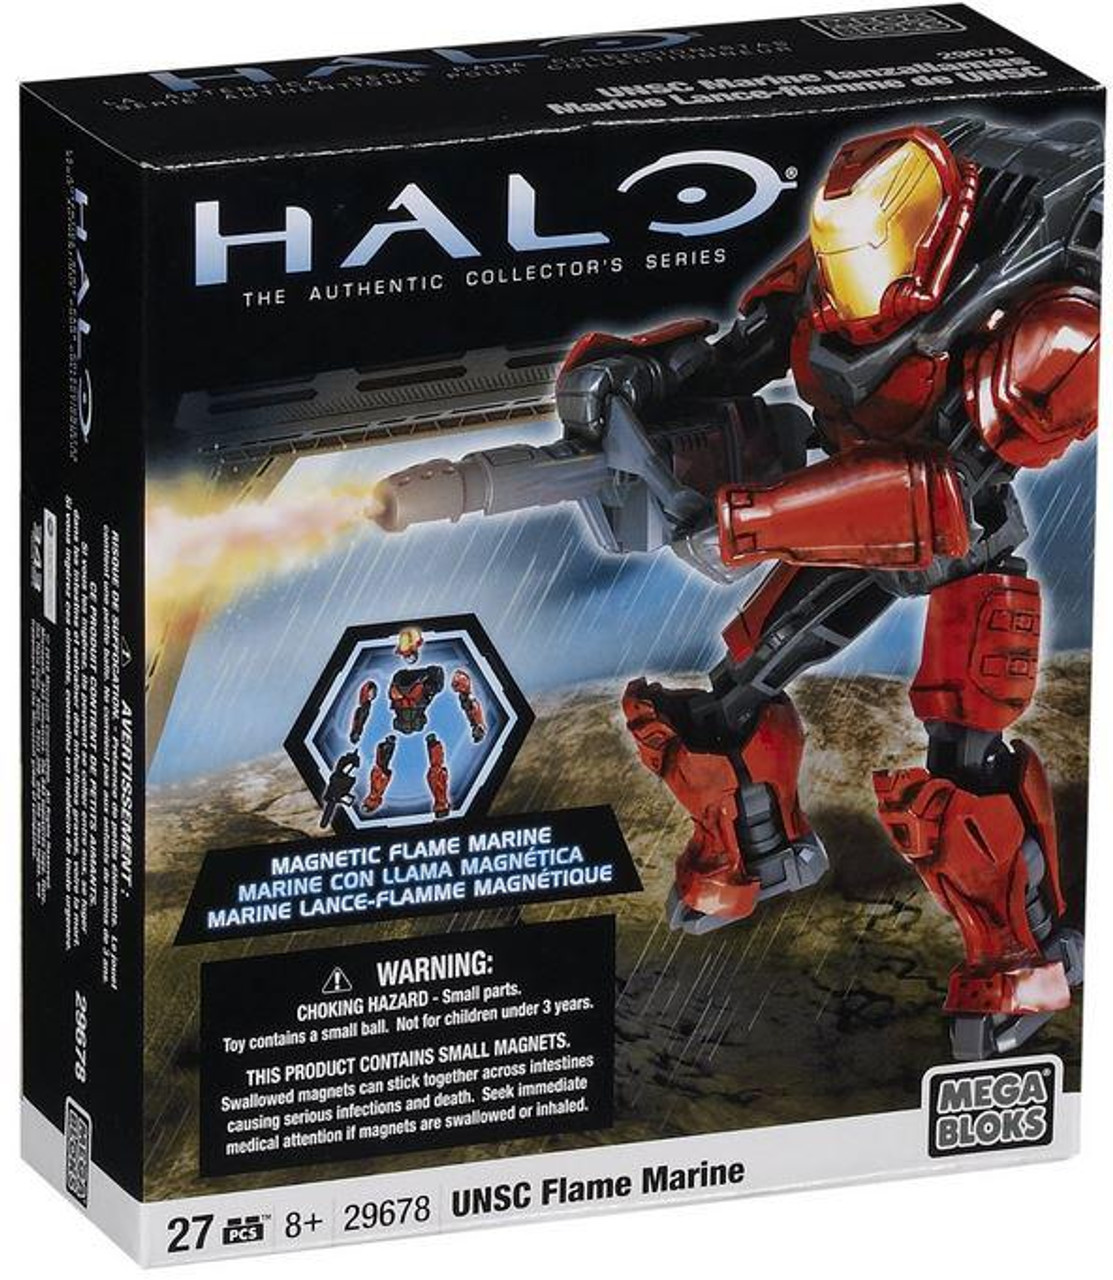 Mega Bloks Halo Magnetic Figures UNSC Flame Marine Set #29678 [Red]